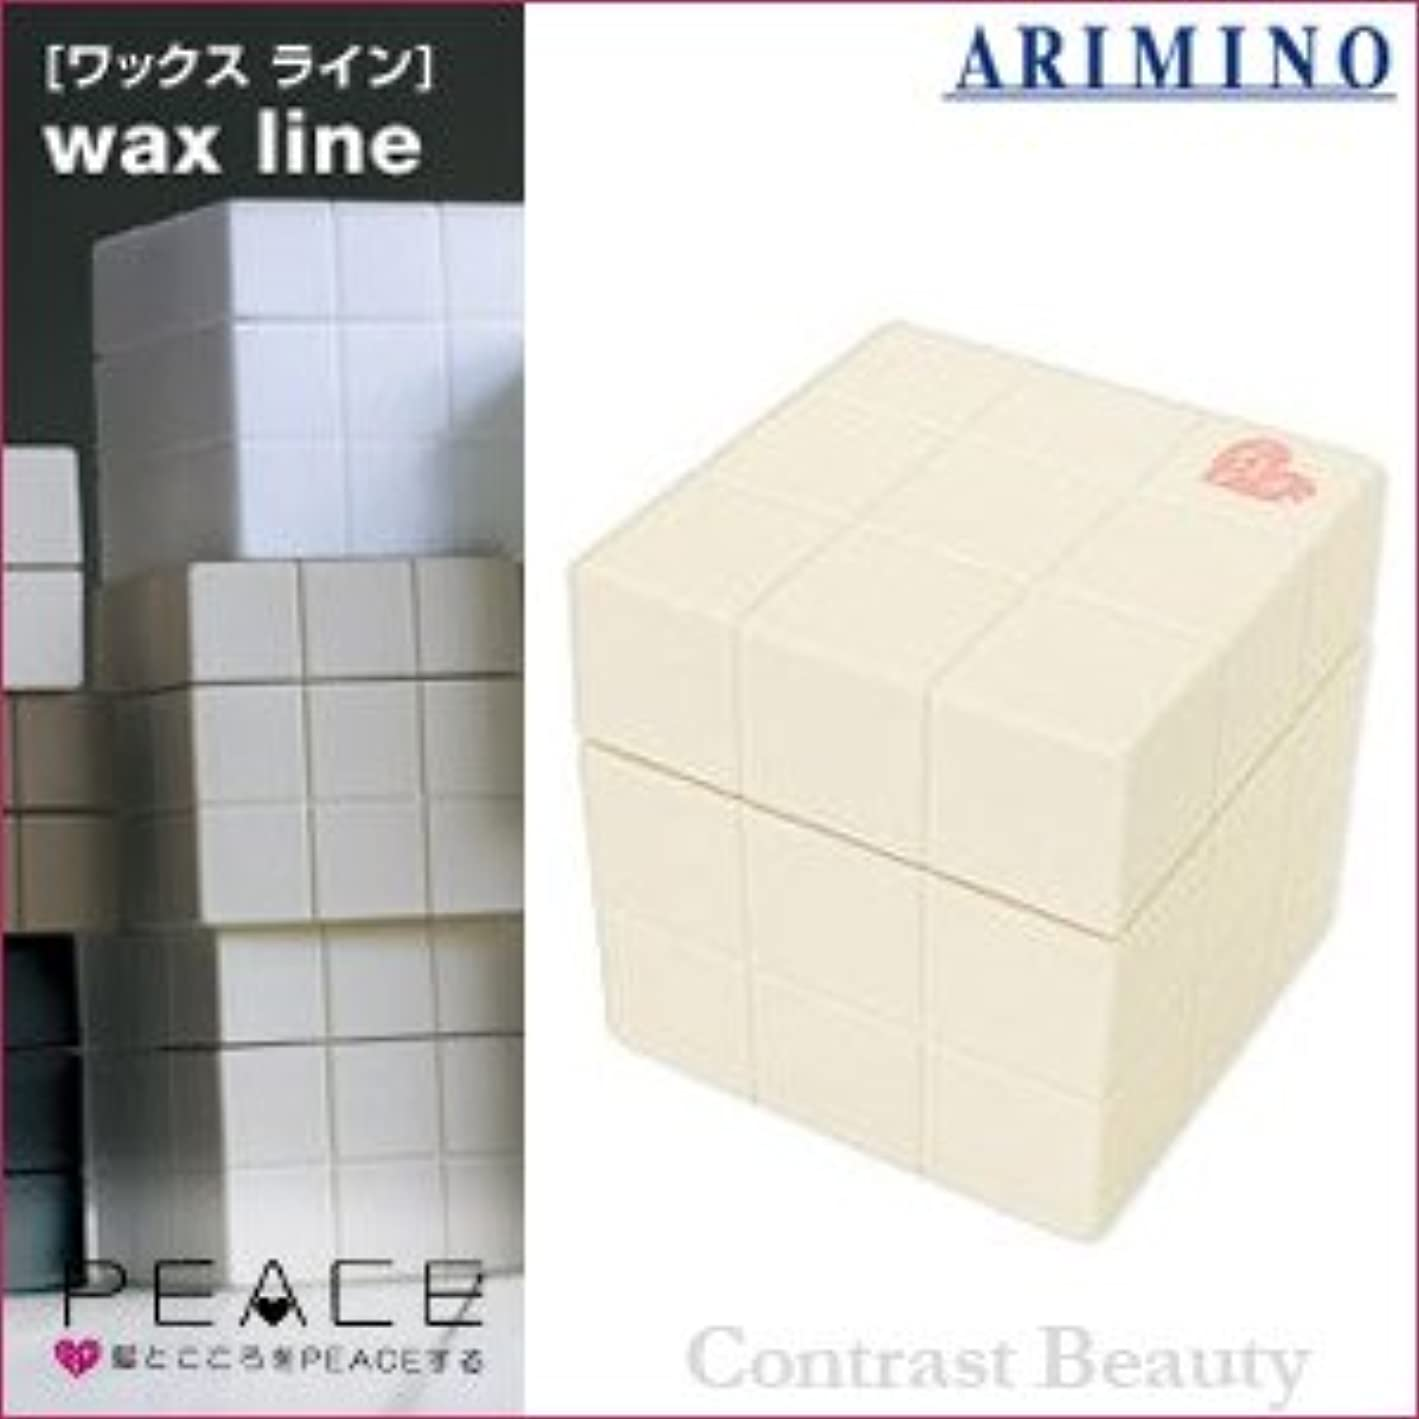 バランス関与する移民【x3個セット】 アリミノ ピース プロデザインシリーズ ニュアンスワックス バニラ 80g